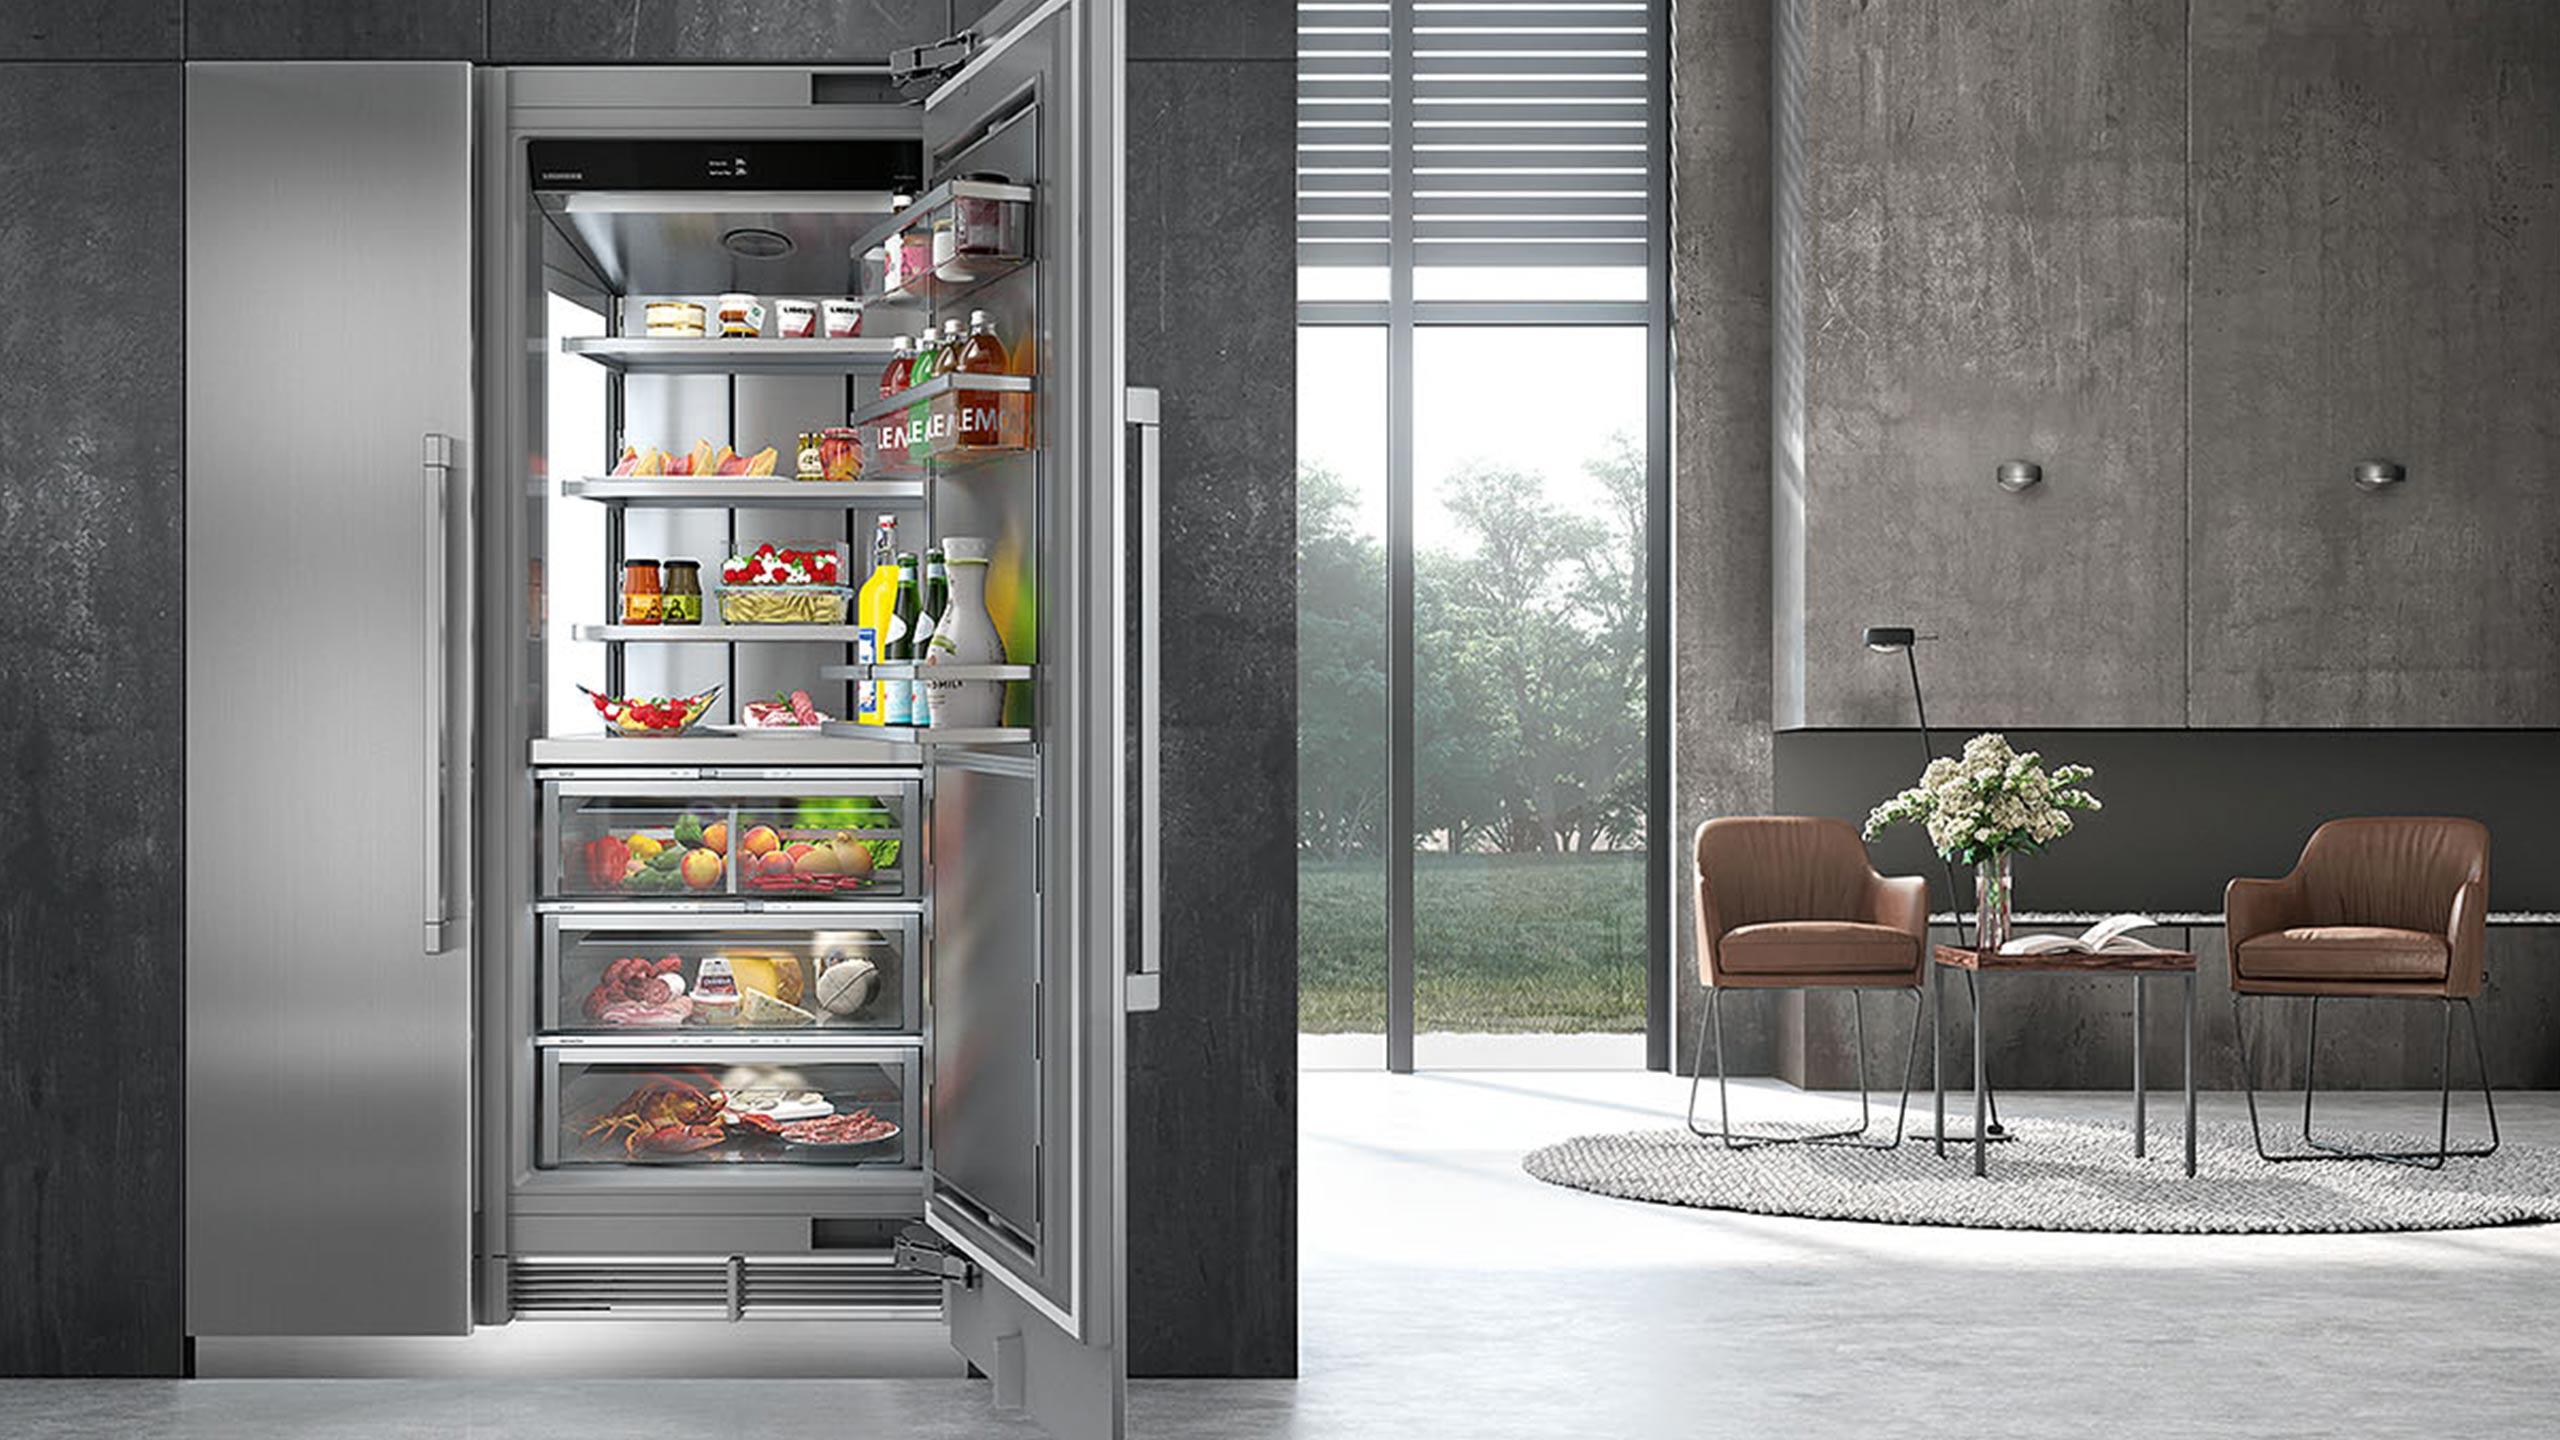 side by side kühlschrank header im küchen staude magazin mit test